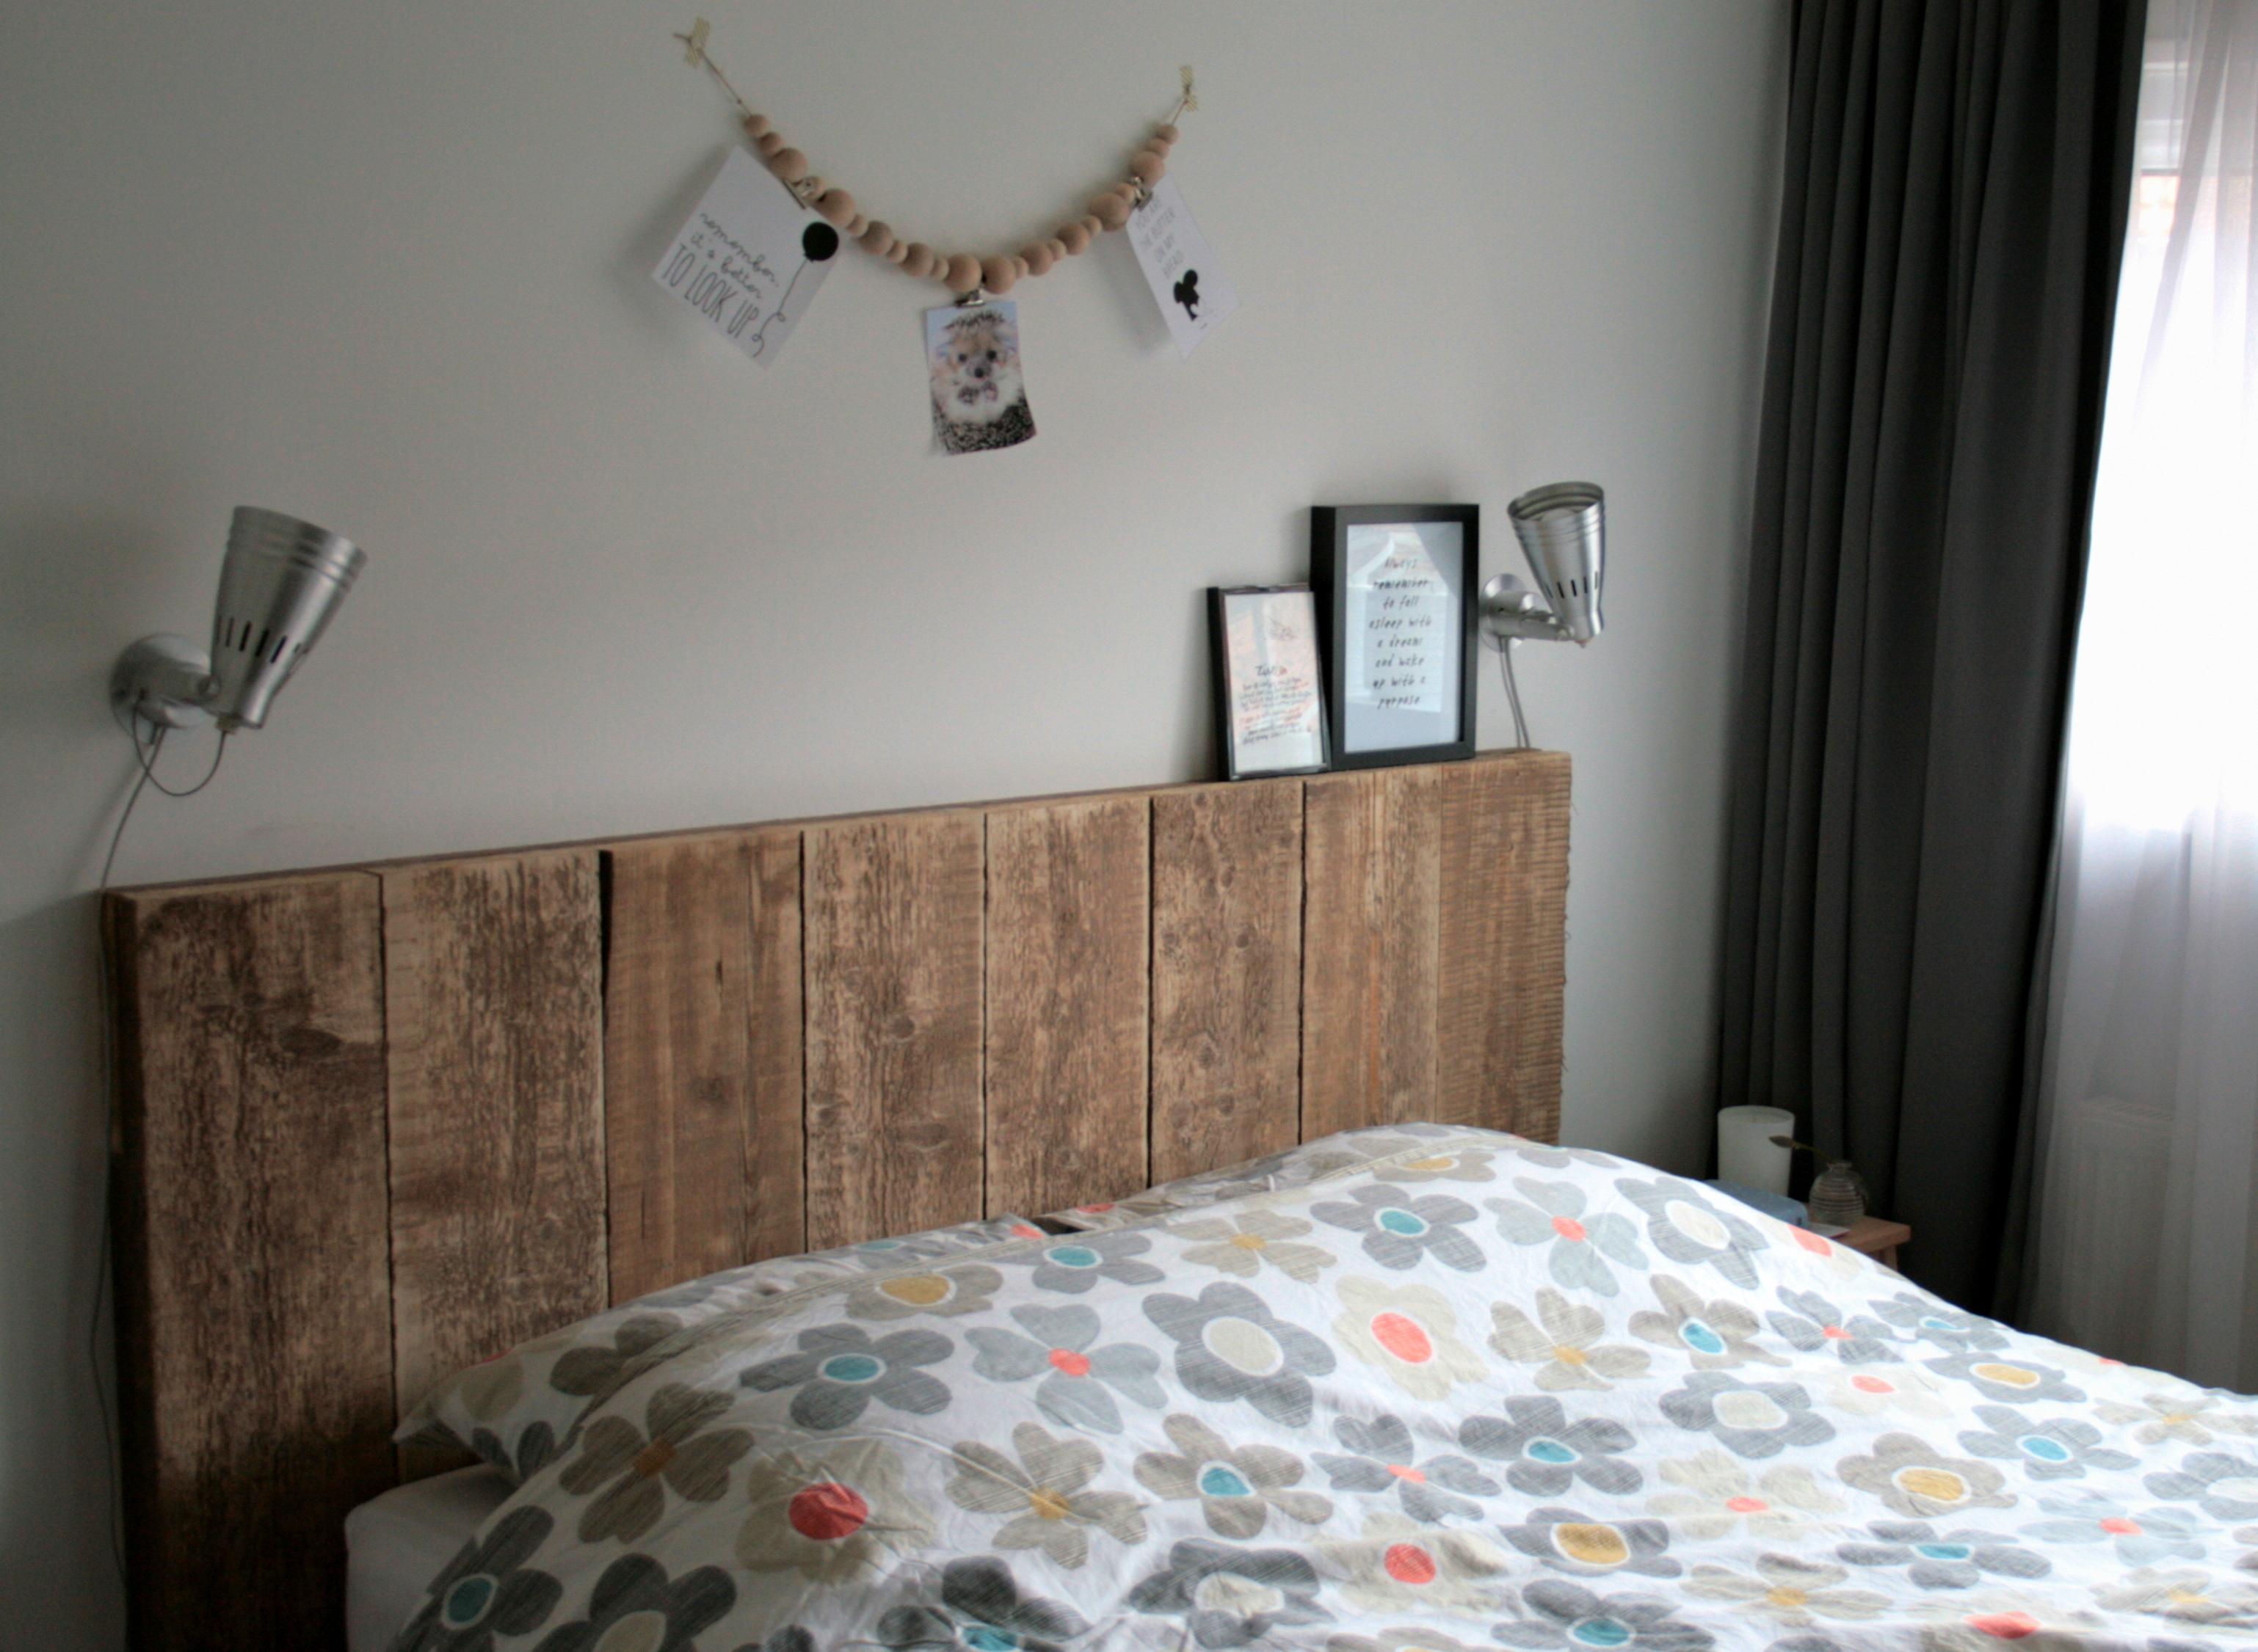 Extreem Hoofdeinde Bed Zelf Maken KI34 | Belbin.Info FF72